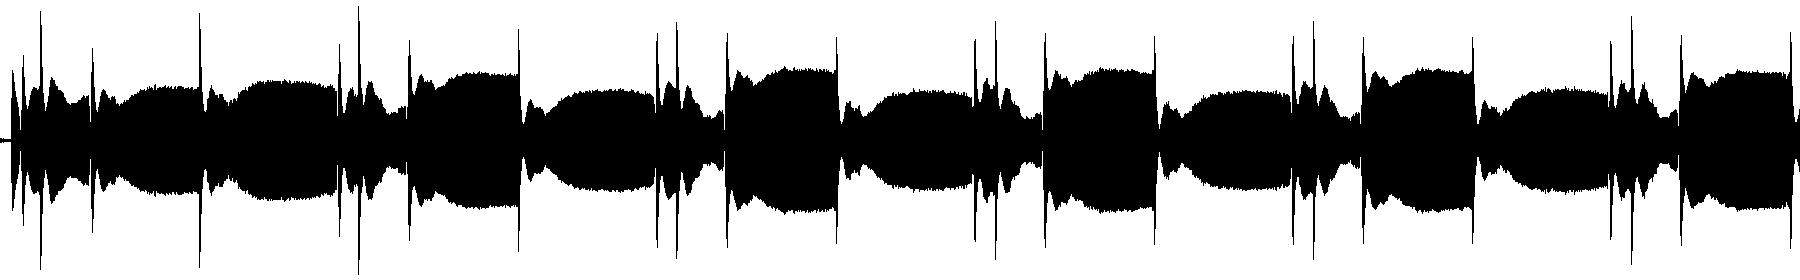 veh2 synths   026 c